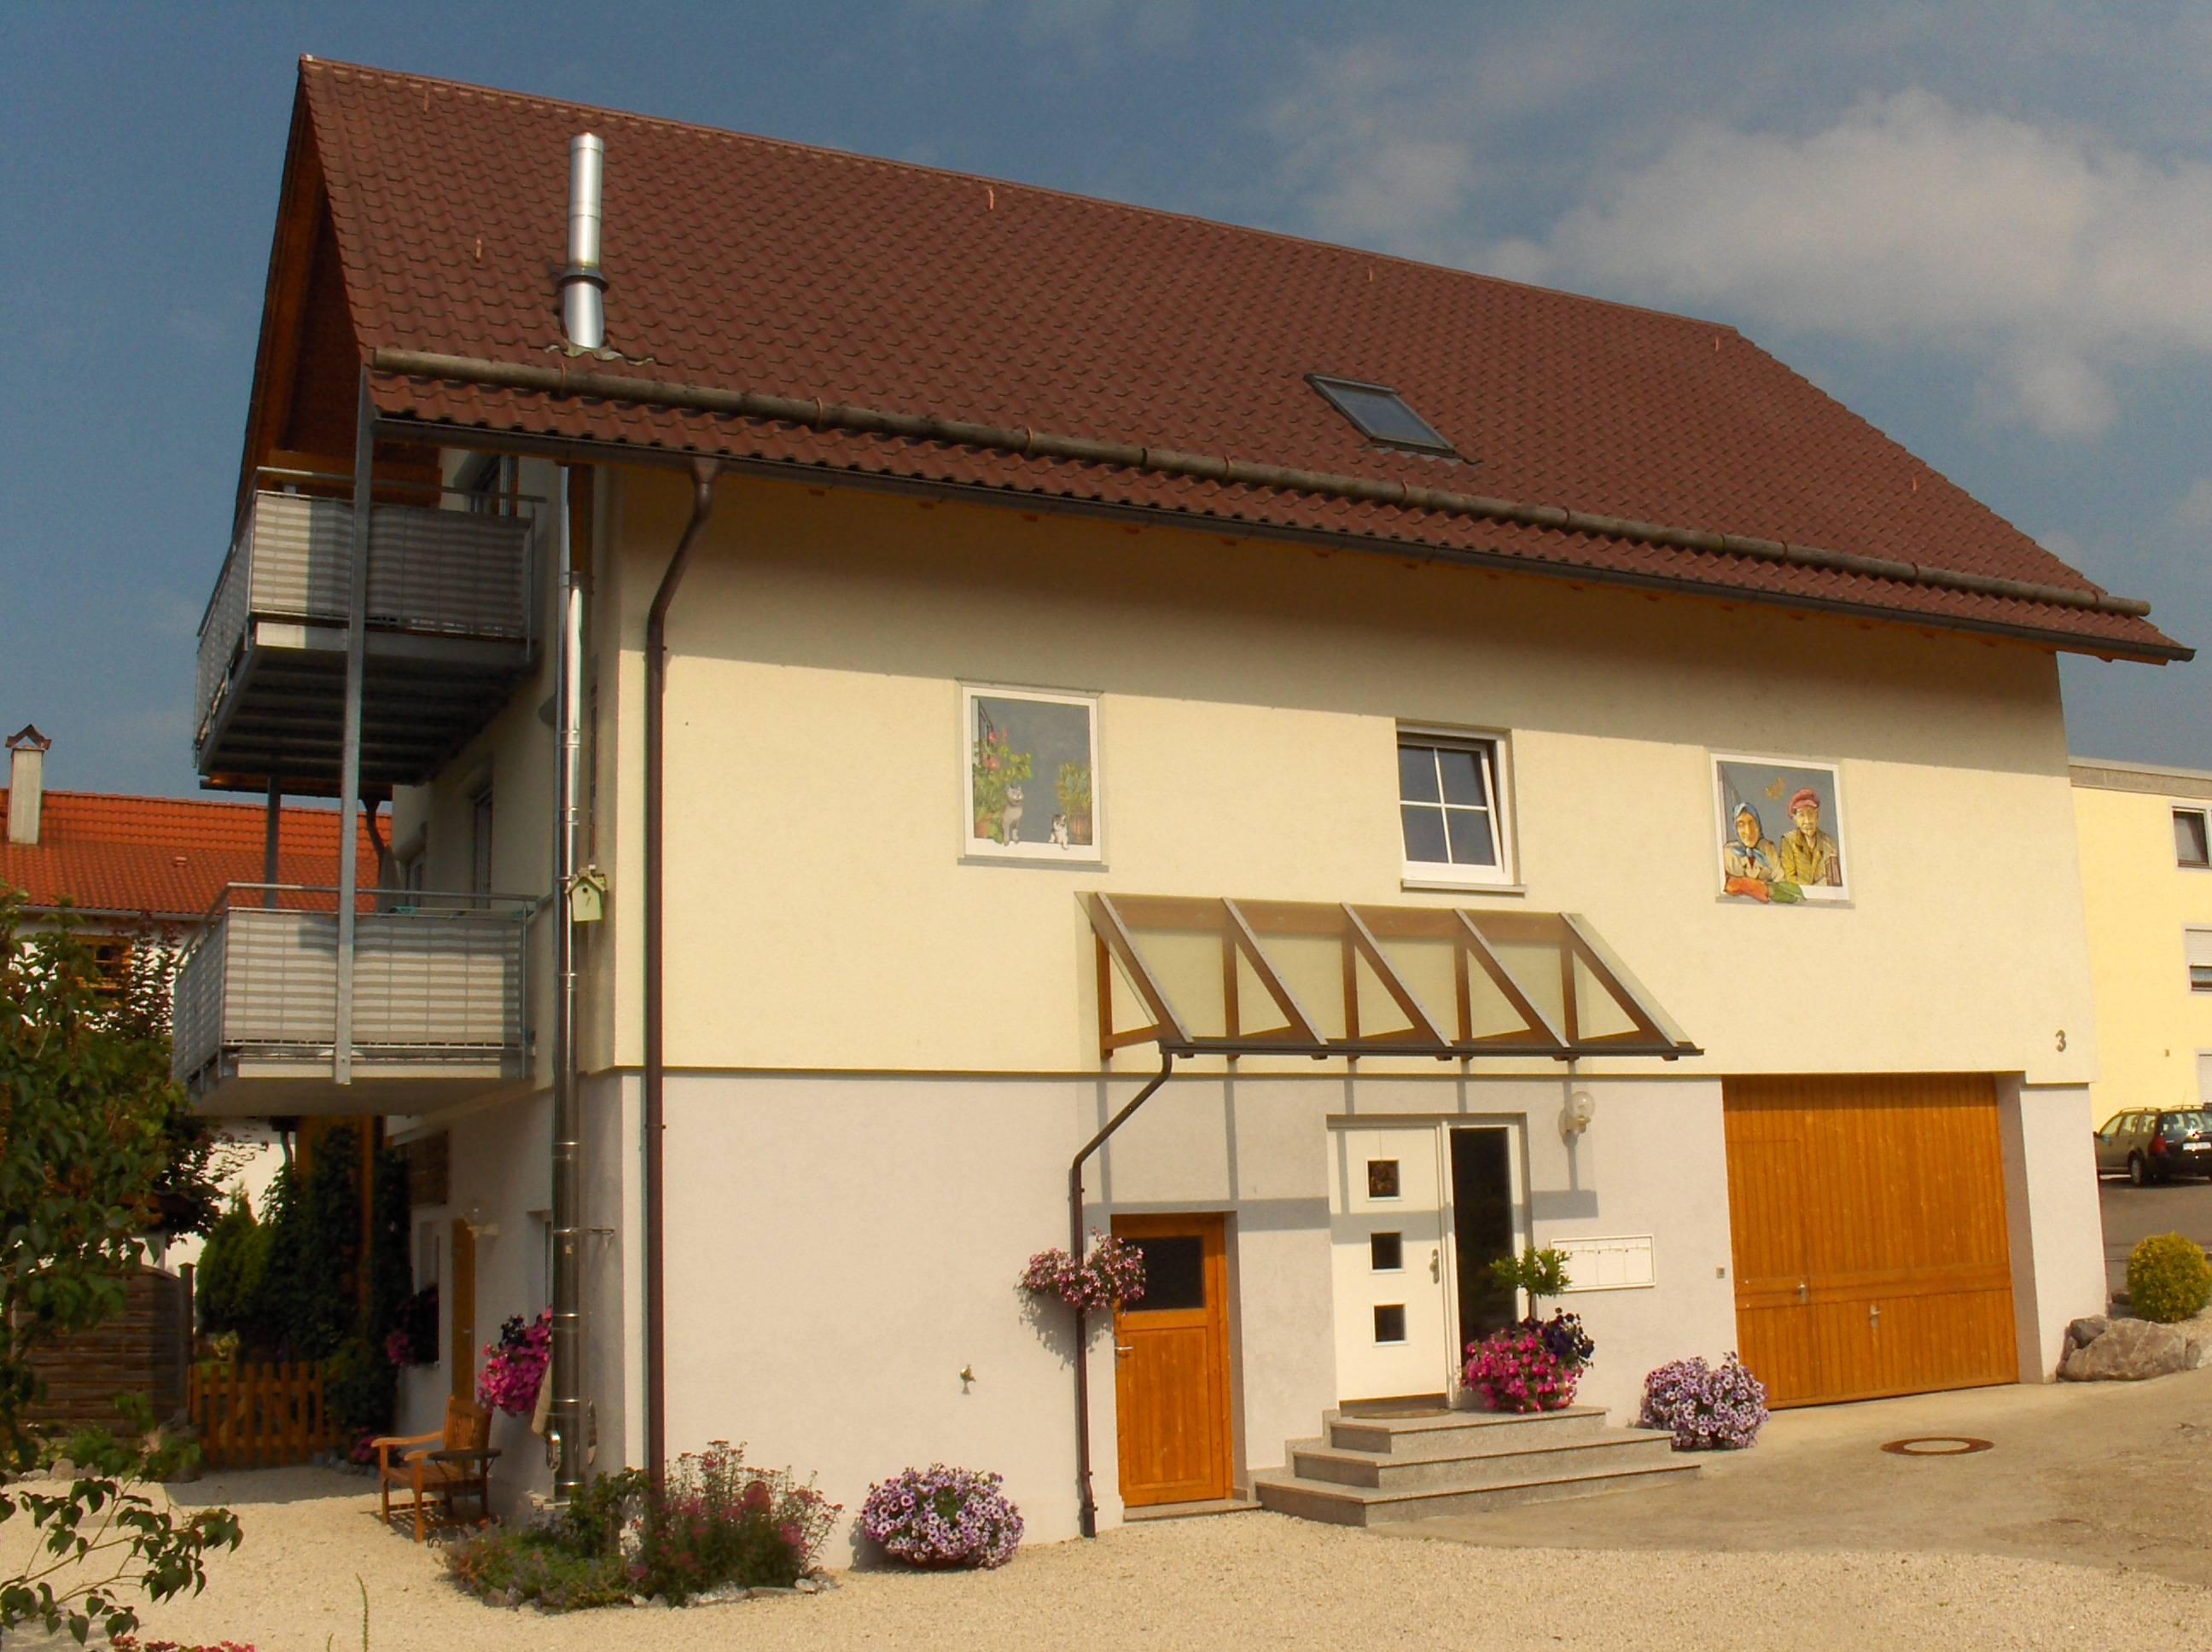 ferienwohnungen riether in friedrichshafen. Black Bedroom Furniture Sets. Home Design Ideas